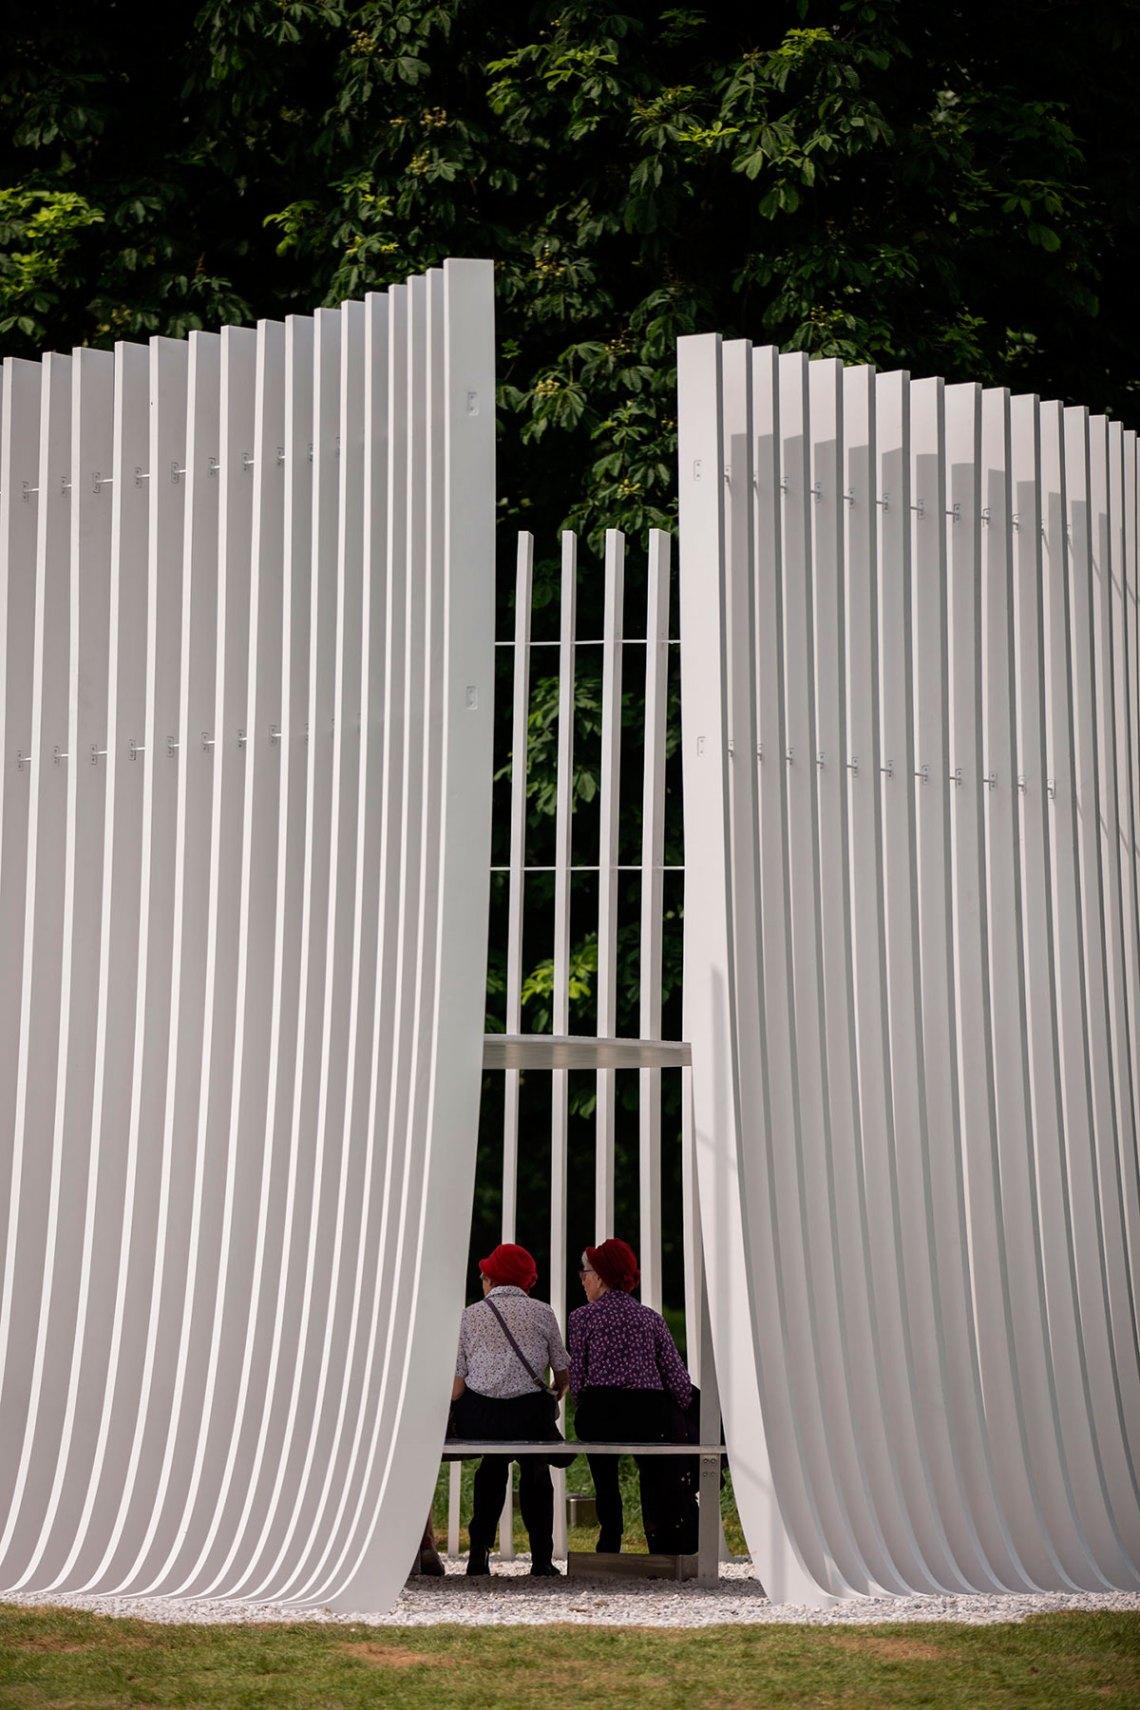 Serpentine Summer House 2016 / Asif Khan